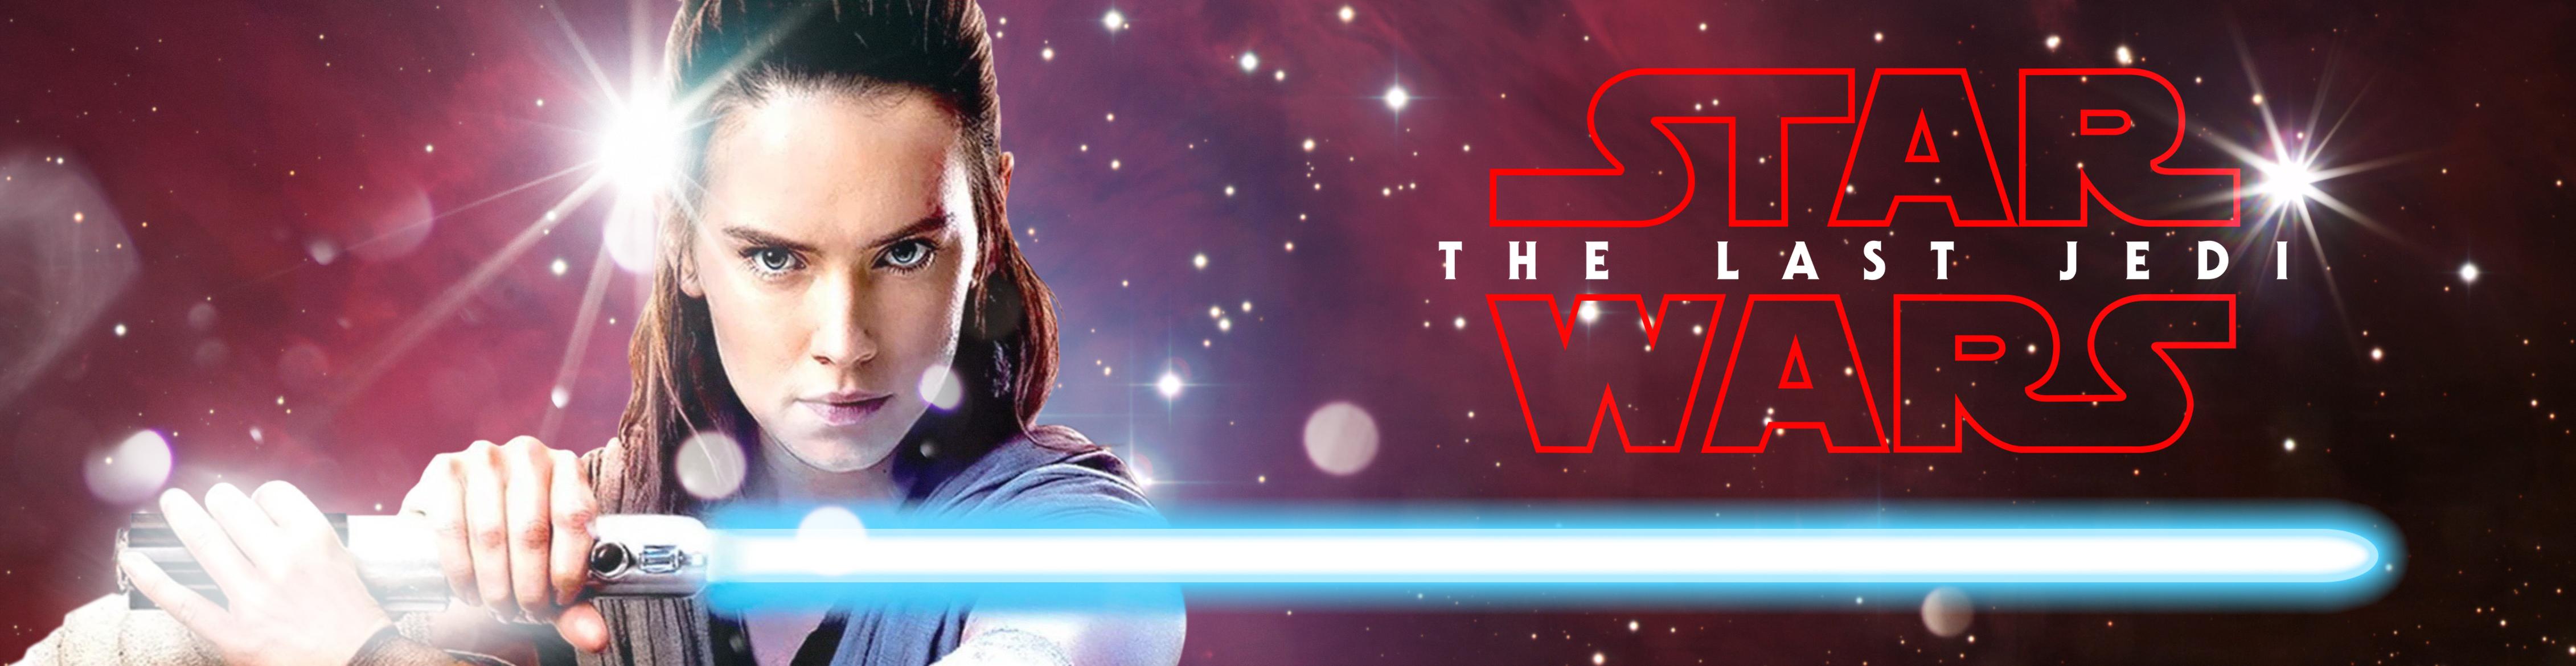 star wars the last